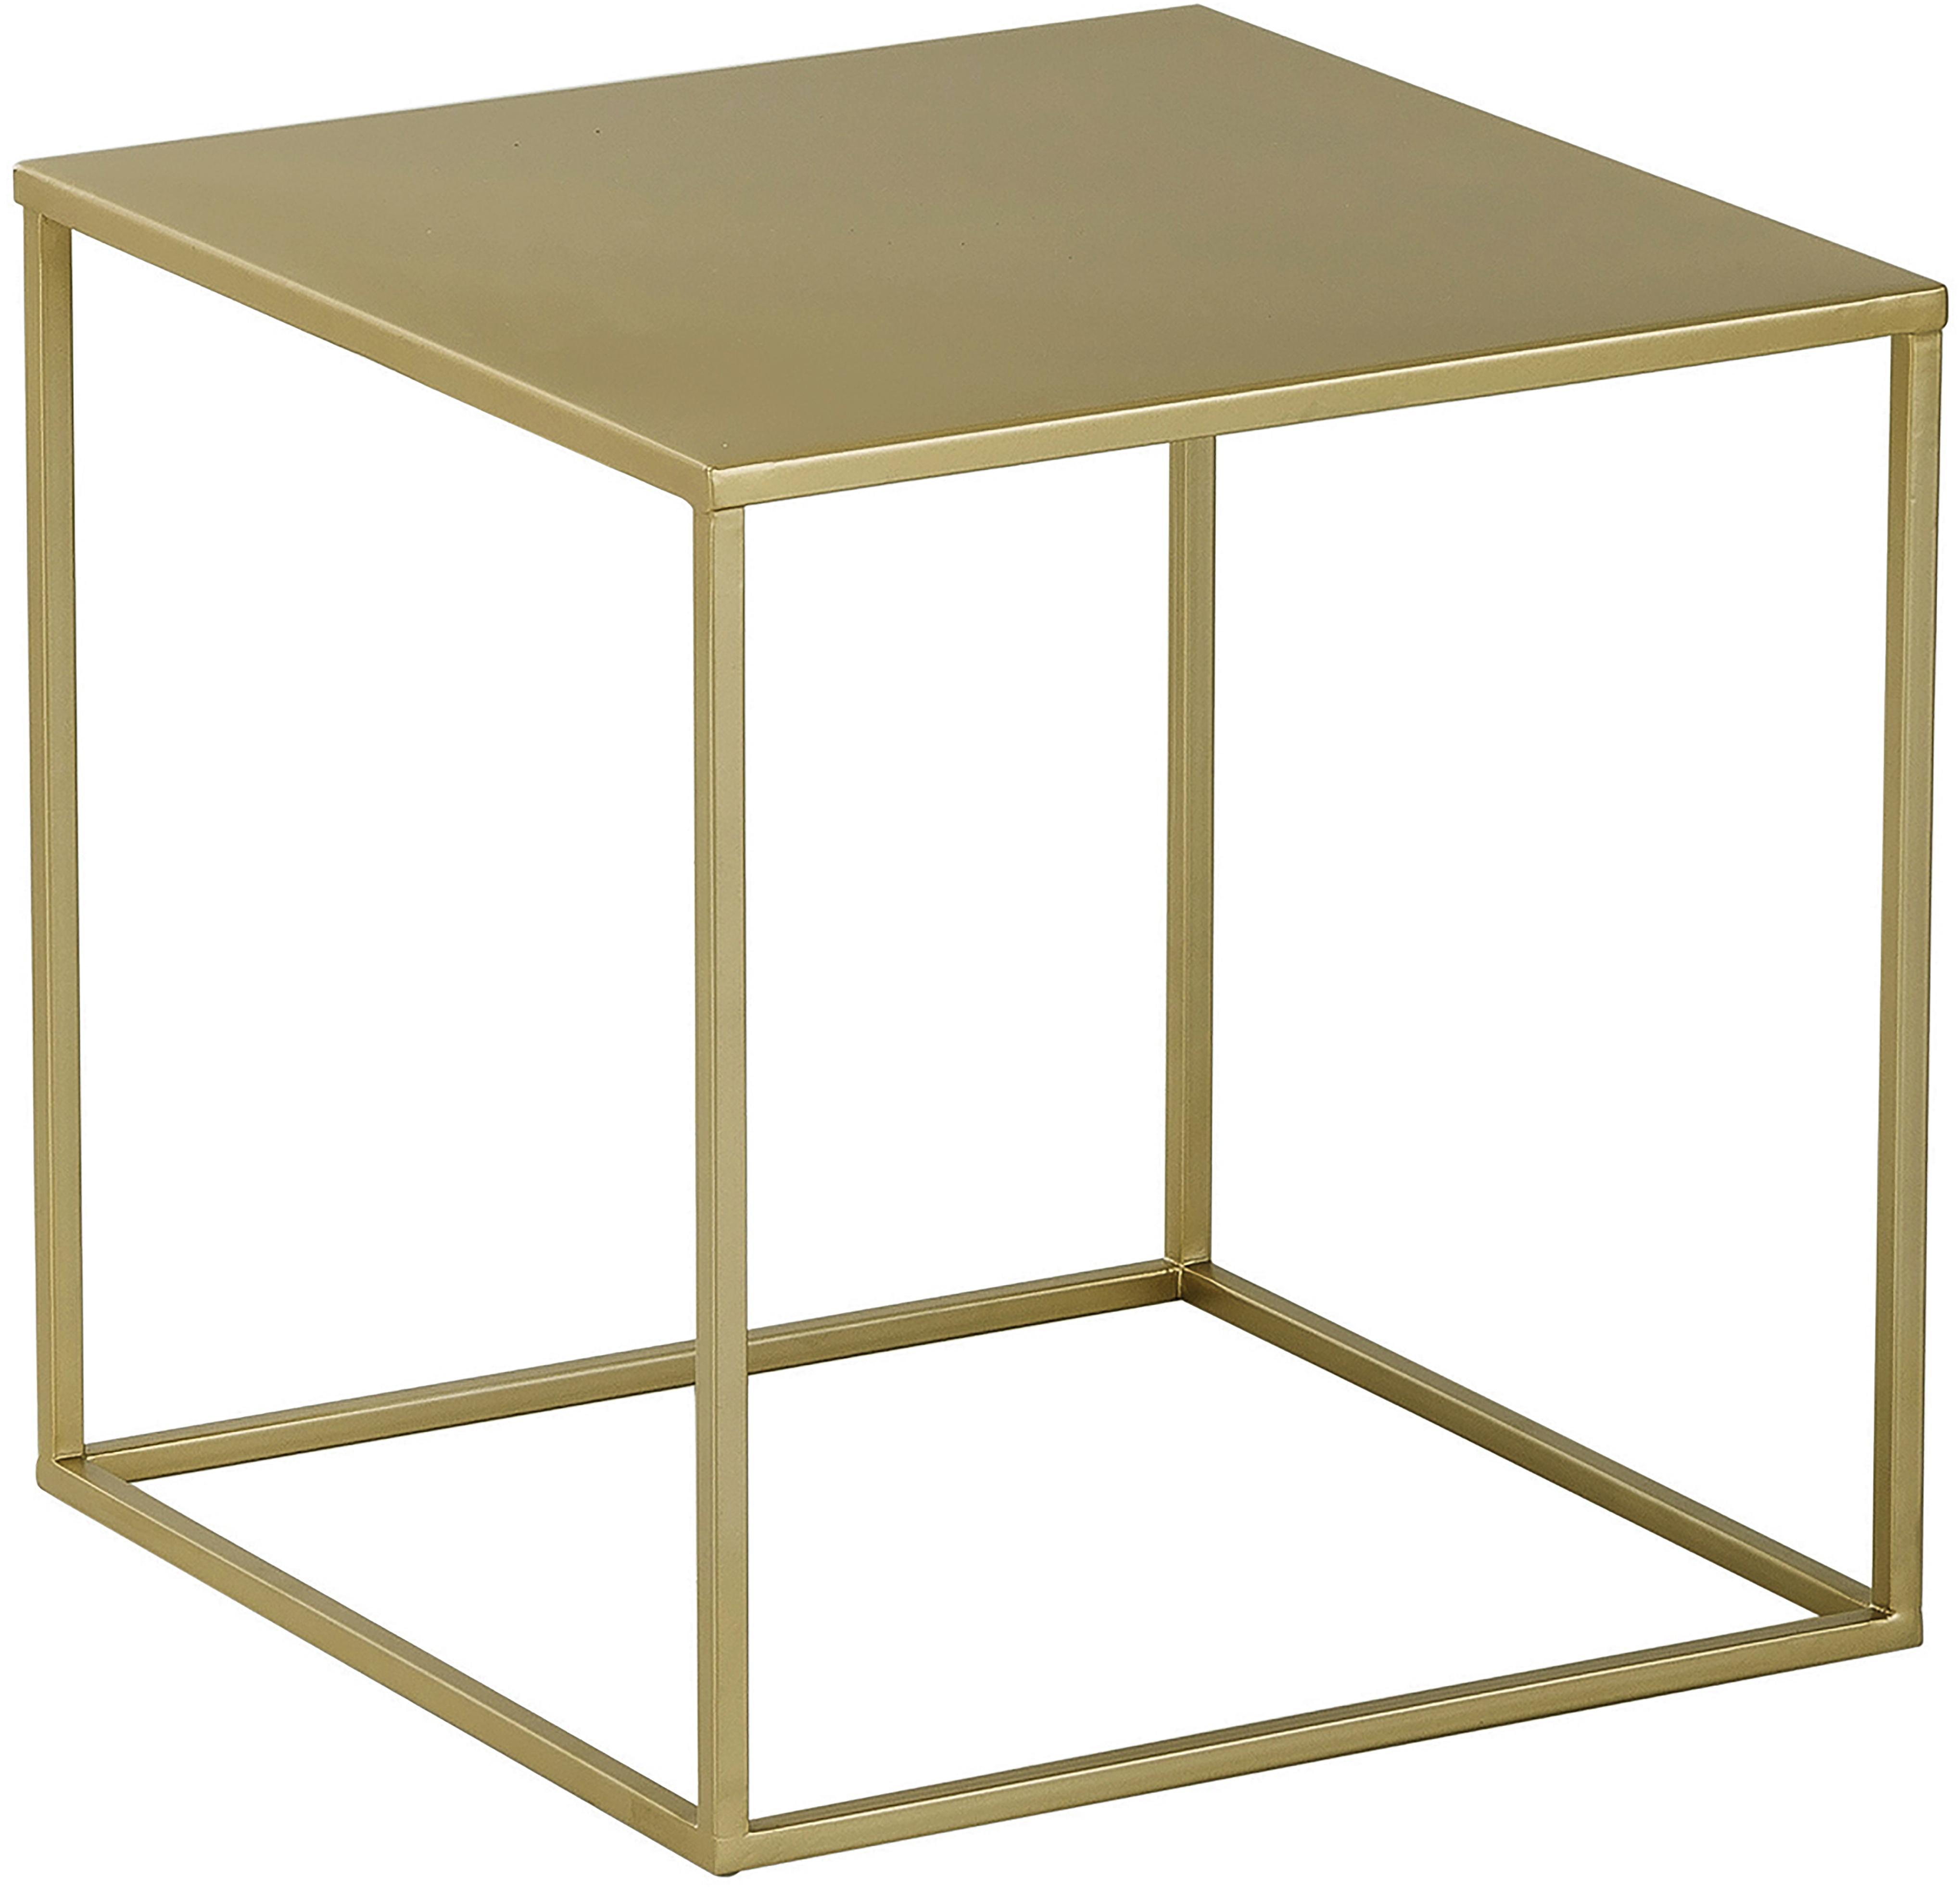 Beistelltisch Stina aus Metall, Metall, pulverbeschichtet, Goldfarben, matt, 45 x 45 cm